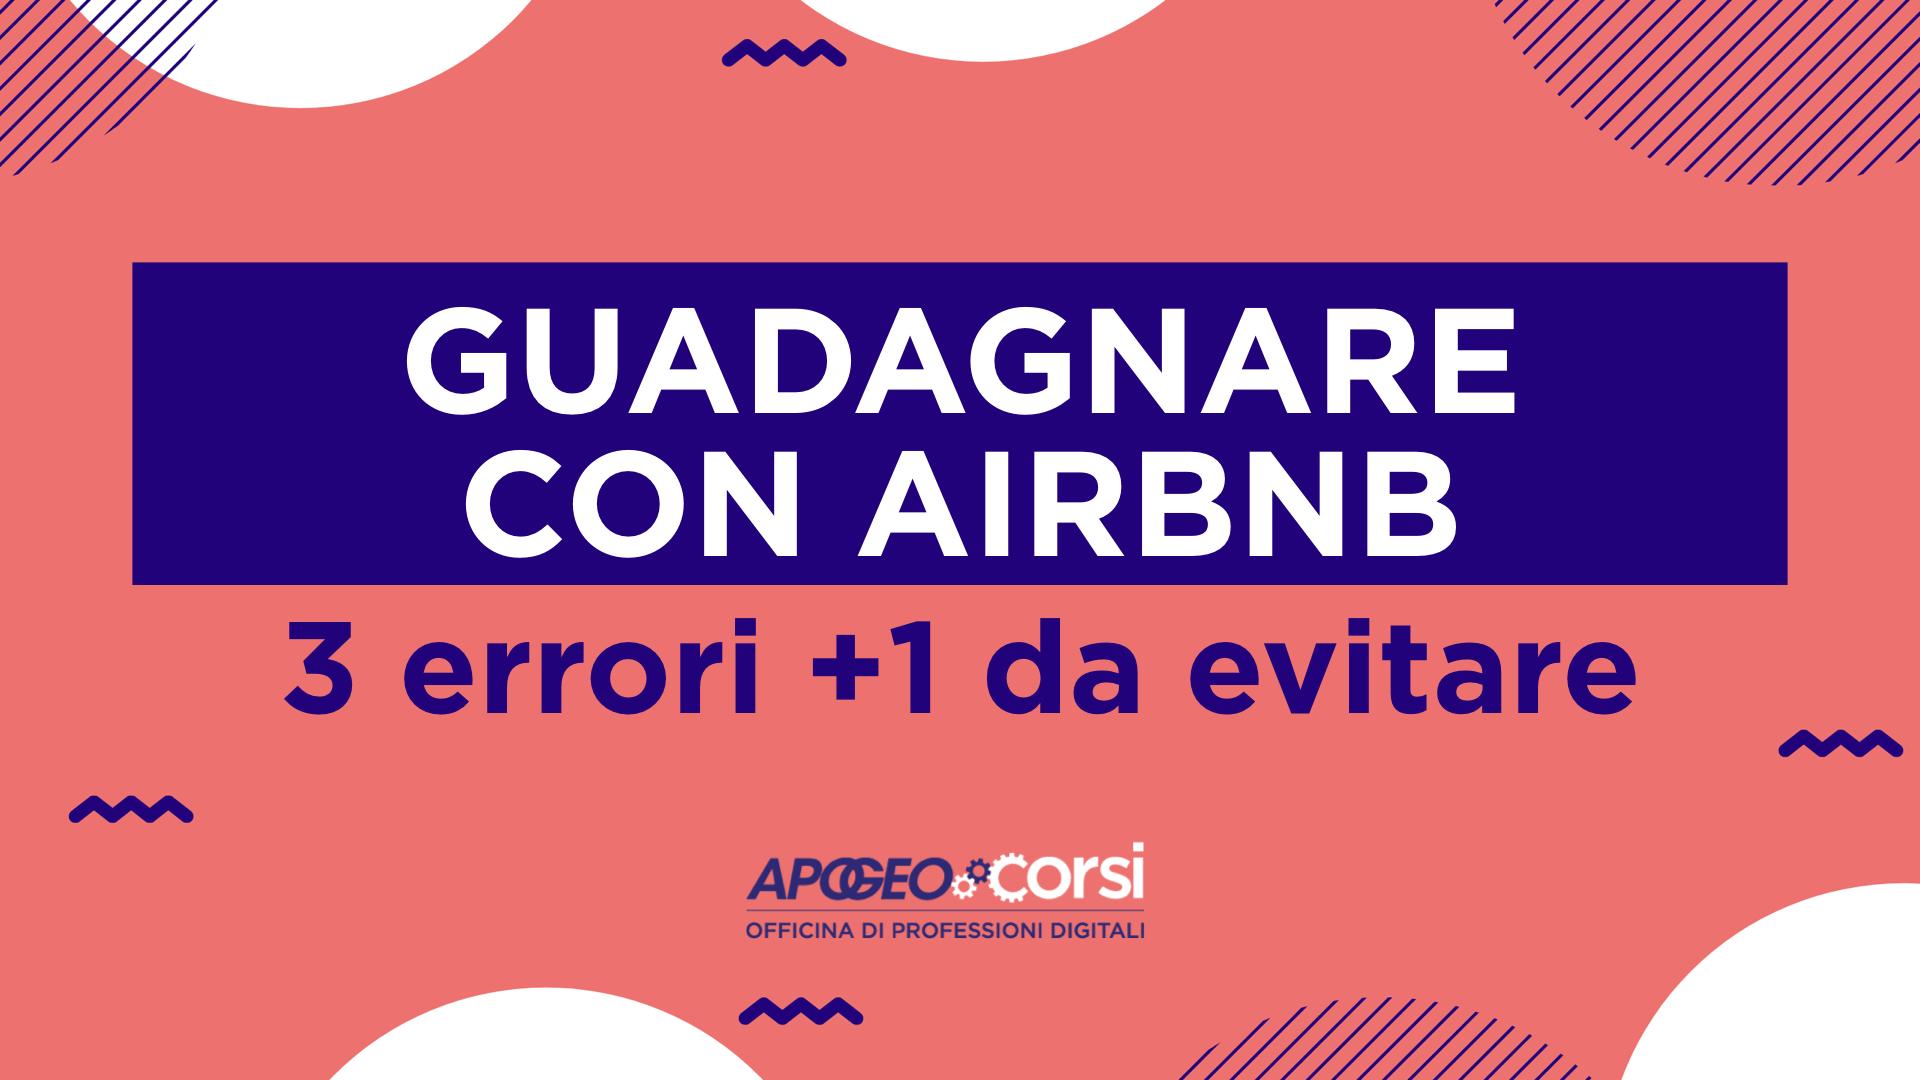 Guadagnare con Airbnb: 3 errori + 1 da evitare